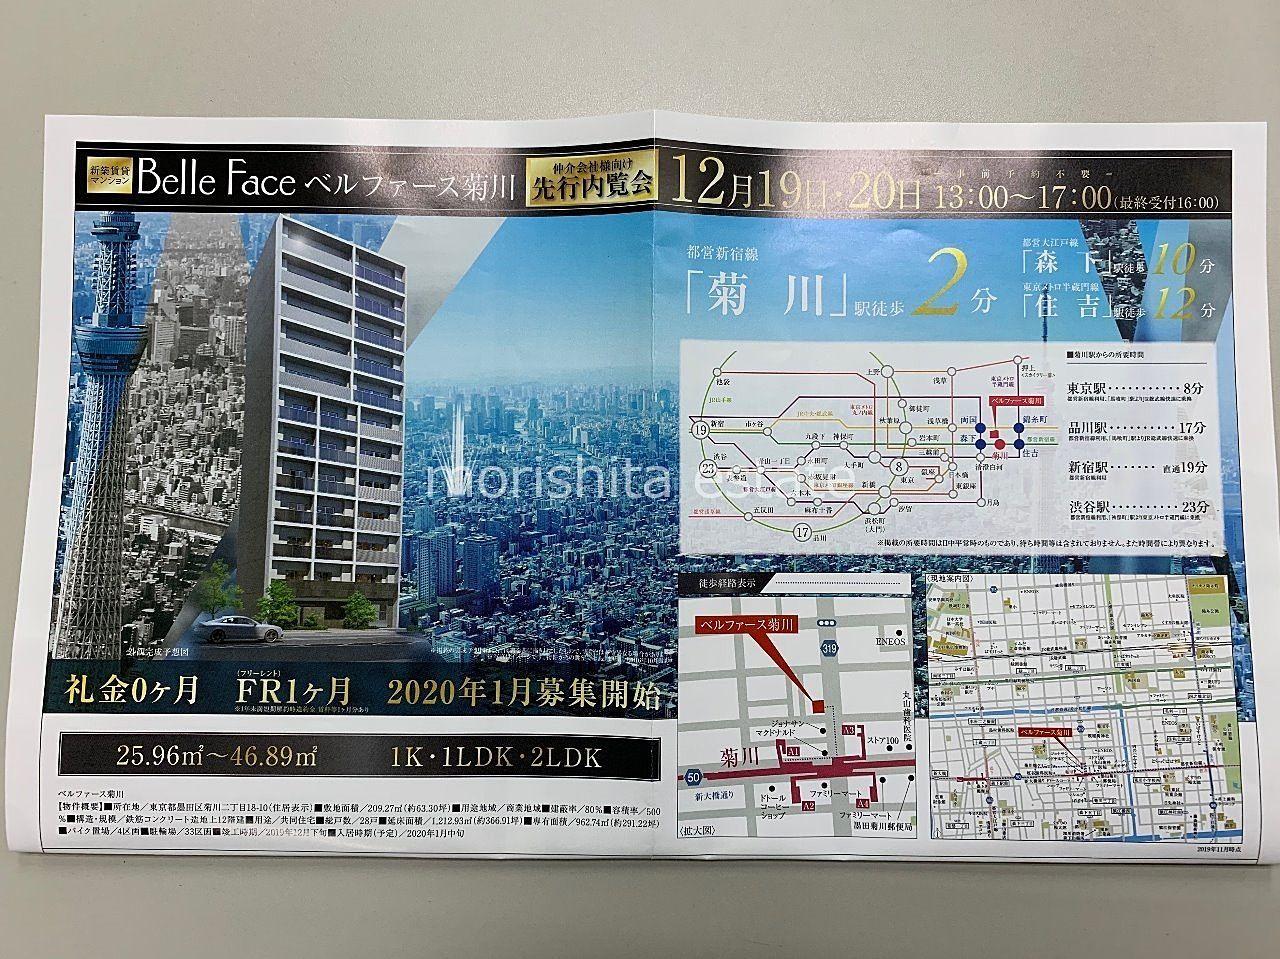 新築賃貸マンション ベルファース菊川